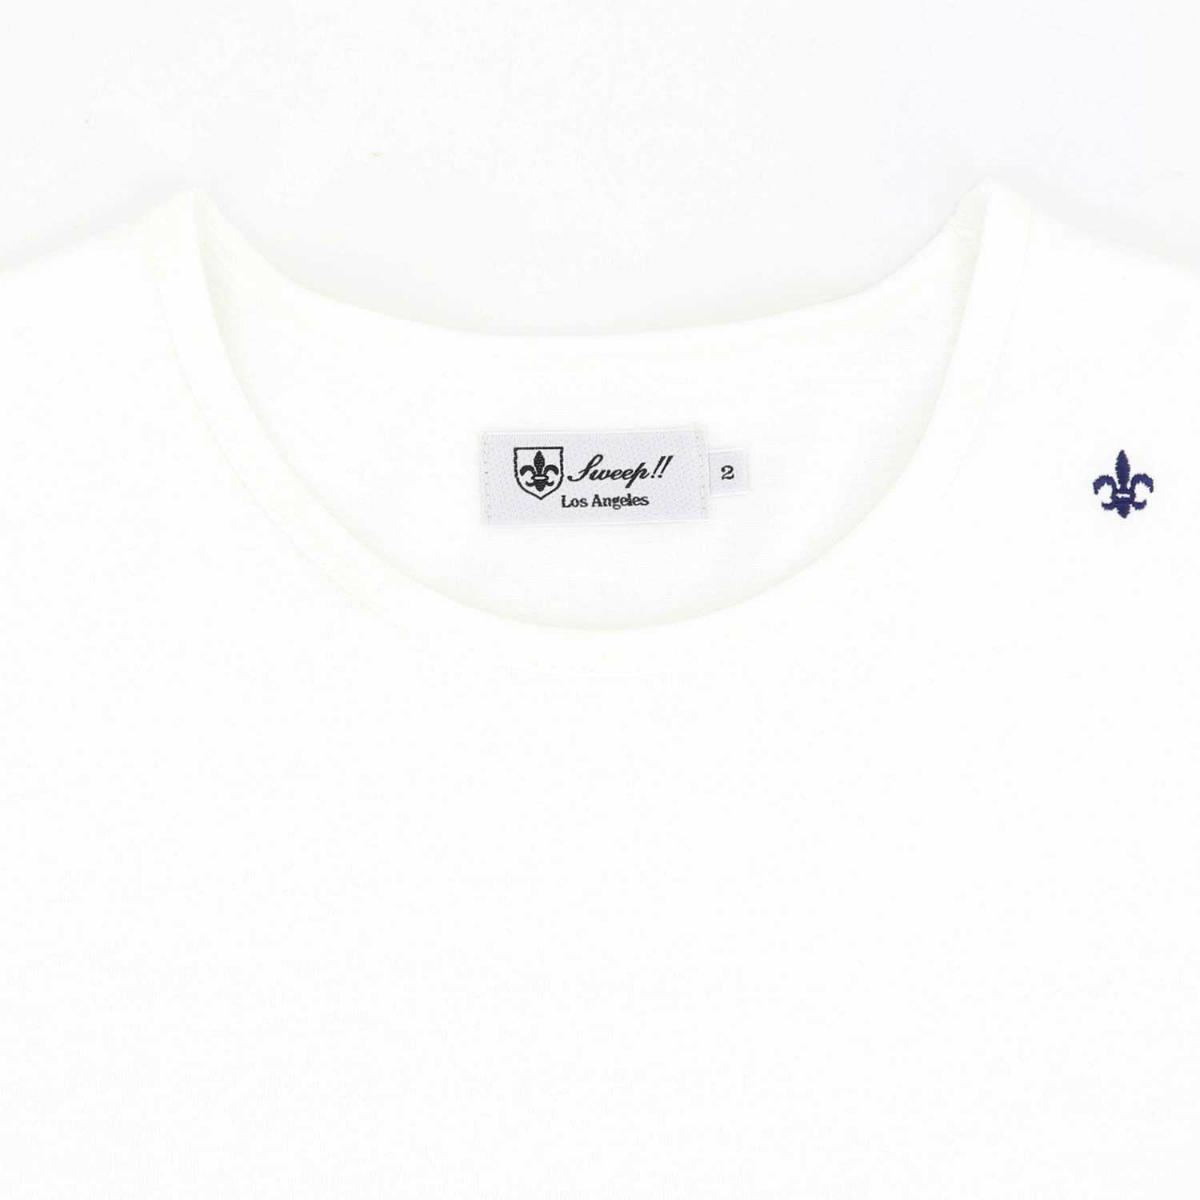 スウィープ!! ロサンゼルス SWEEP!! LosAngeles メンズ コットン 半袖 クルーネックTシャツ BASIC T SHIRTS SL160001 WHITE(ホワイト)秋冬新作